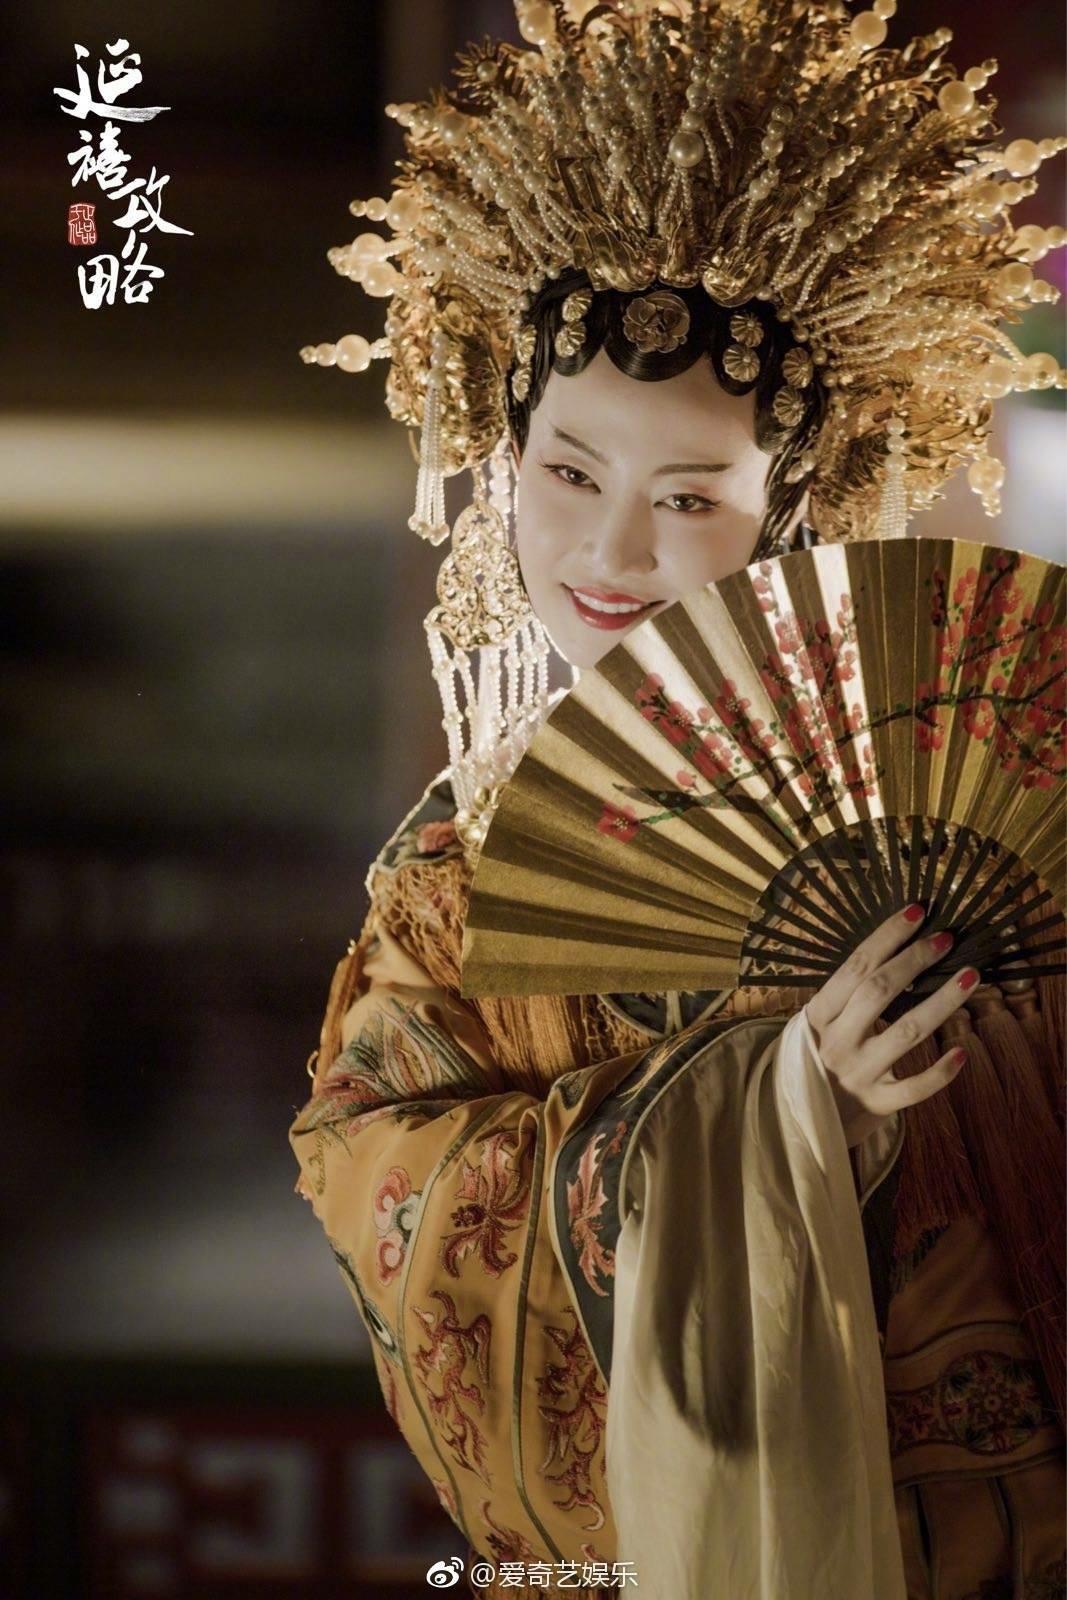 Khán giả như nhìn thấy một con người khác của nàng Cao Ninh Hinh